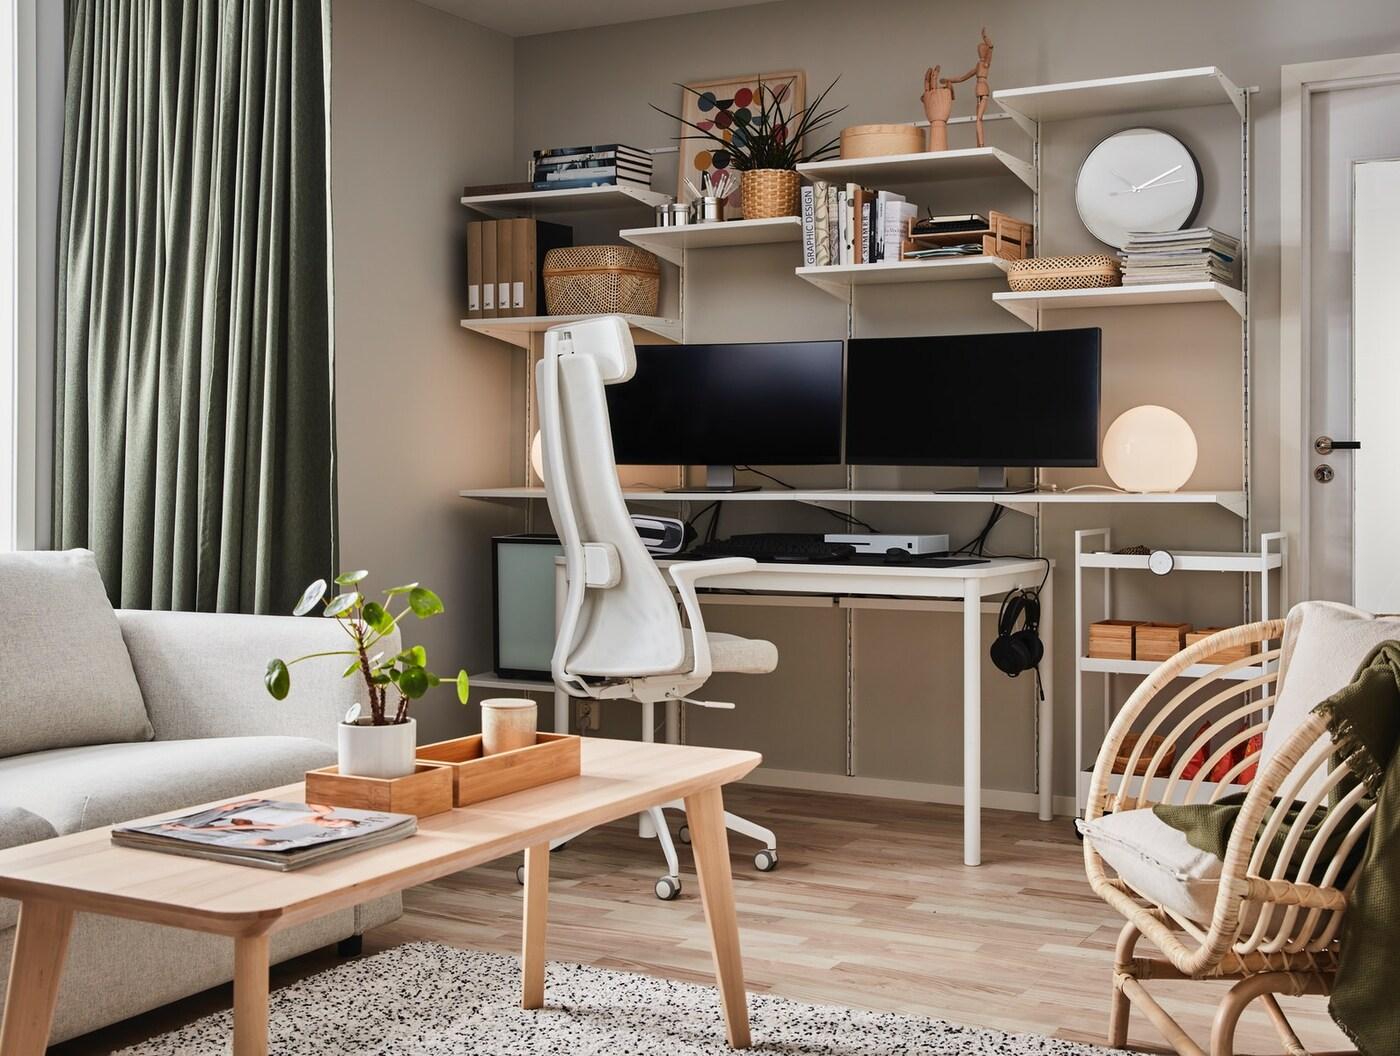 Büromöbel & Arbeitsplatz Aufbewahrung günstig kaufen IKEA